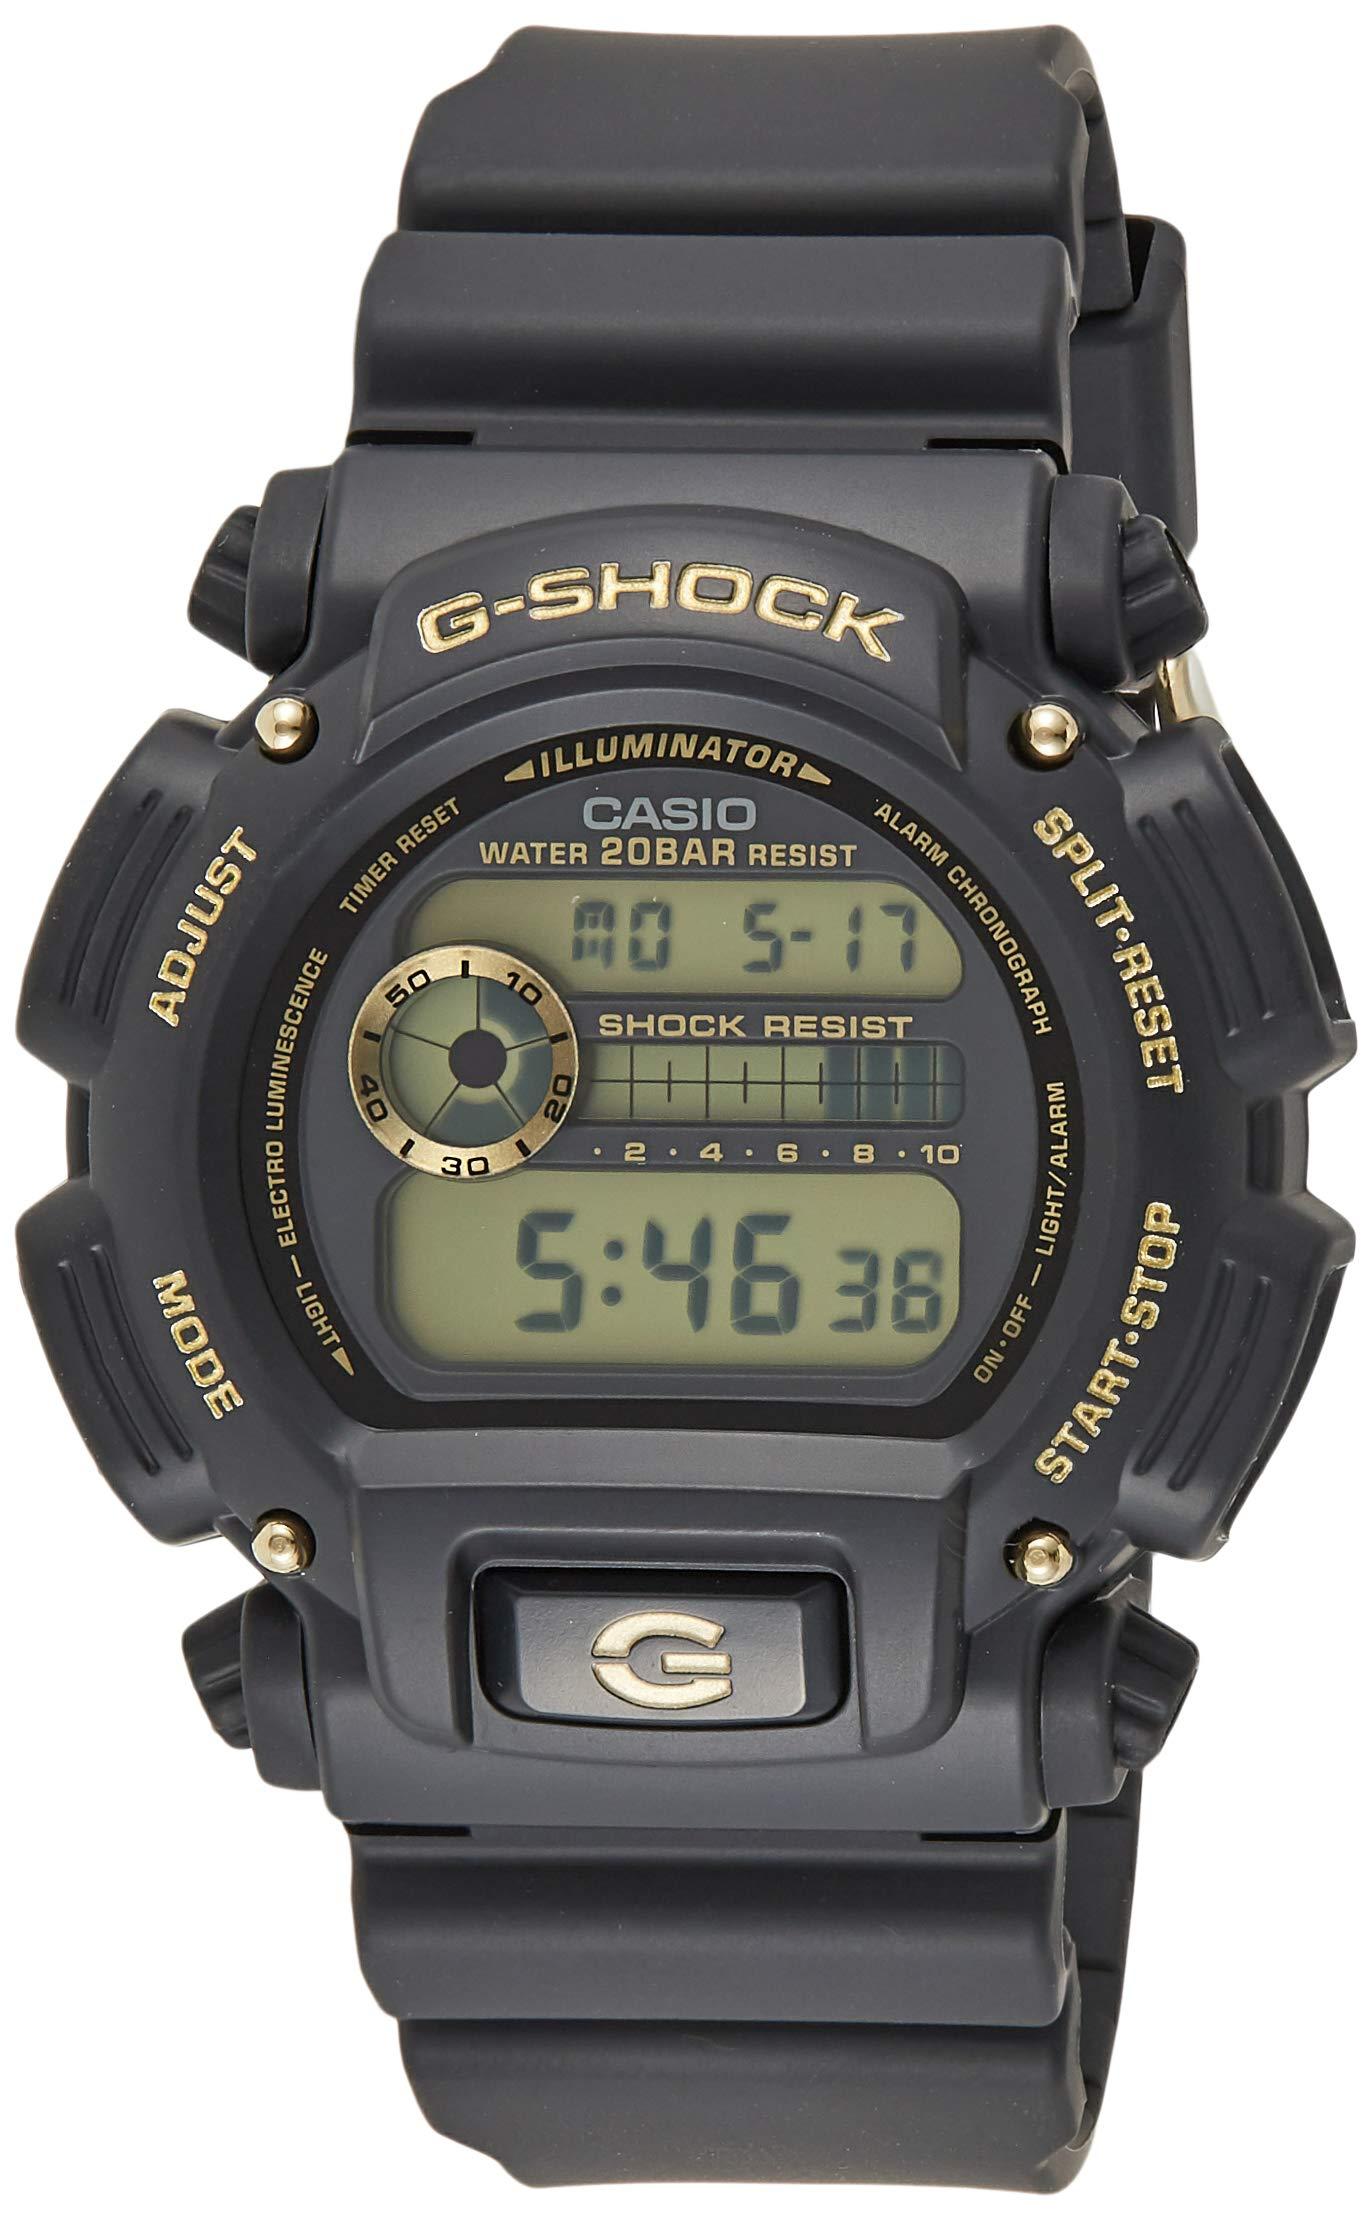 Casio DW9052GBX-1A9 G-Shock Chronograph Digital Men's Watch (Black/Gold) by Casio